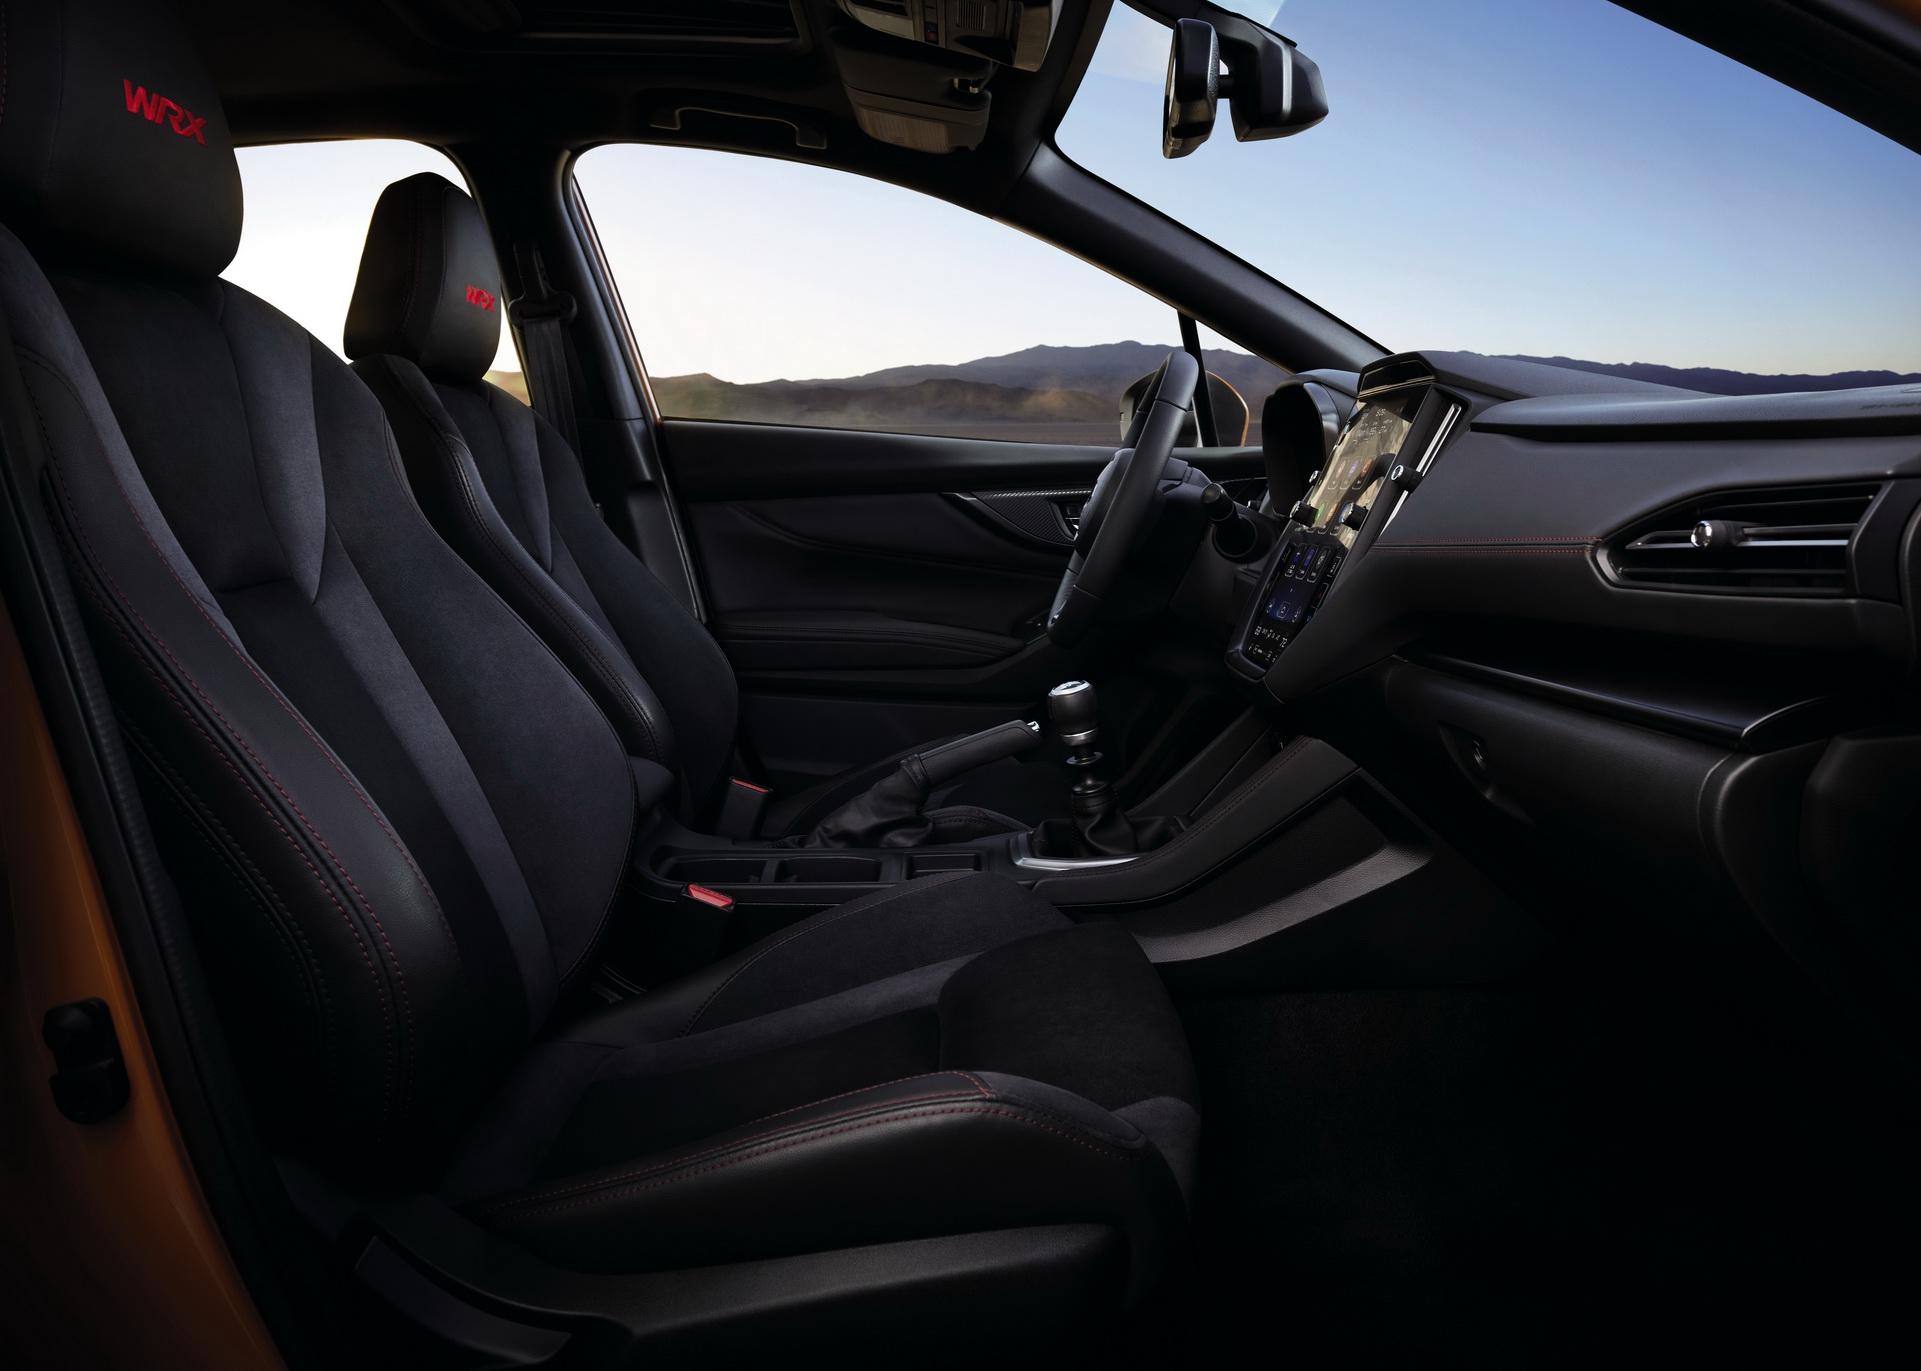 2022 Subaru WRX Interior Wallpapers #30 of 61